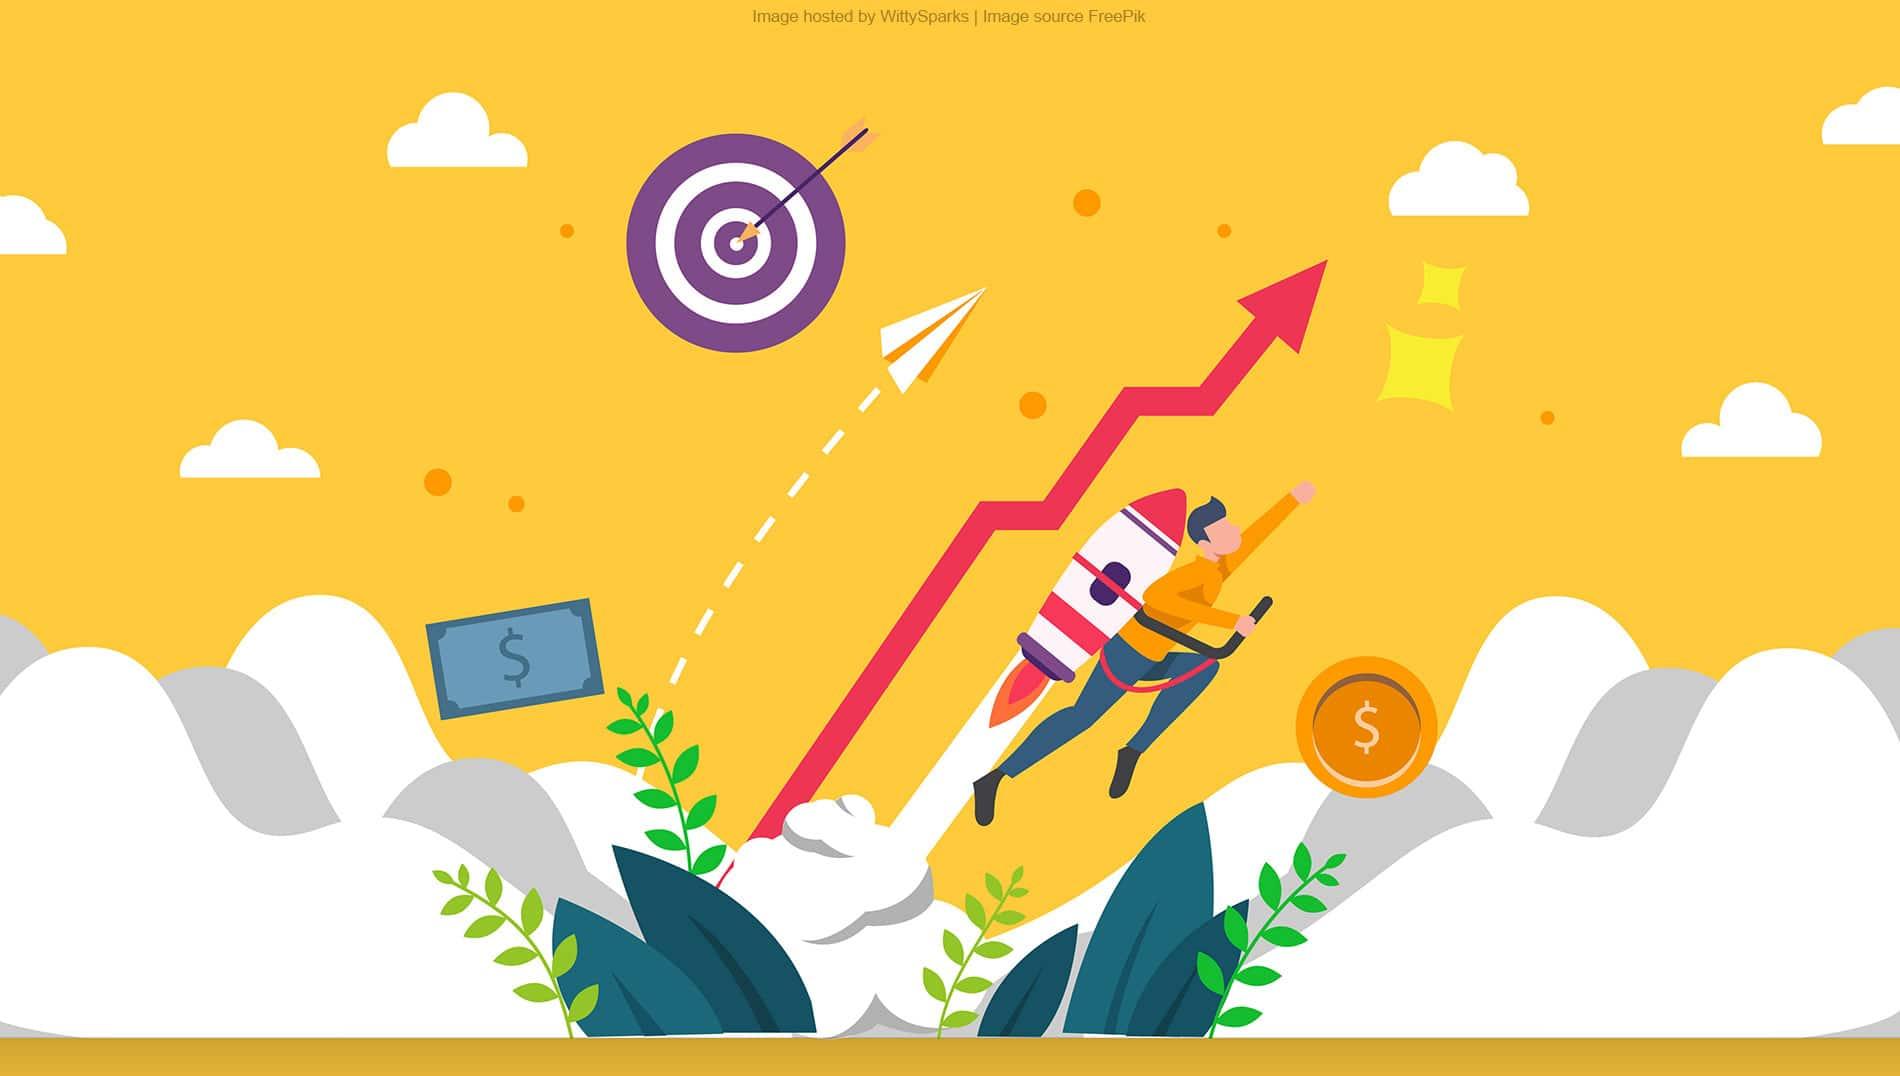 Entrepreneurs growth hacking startup